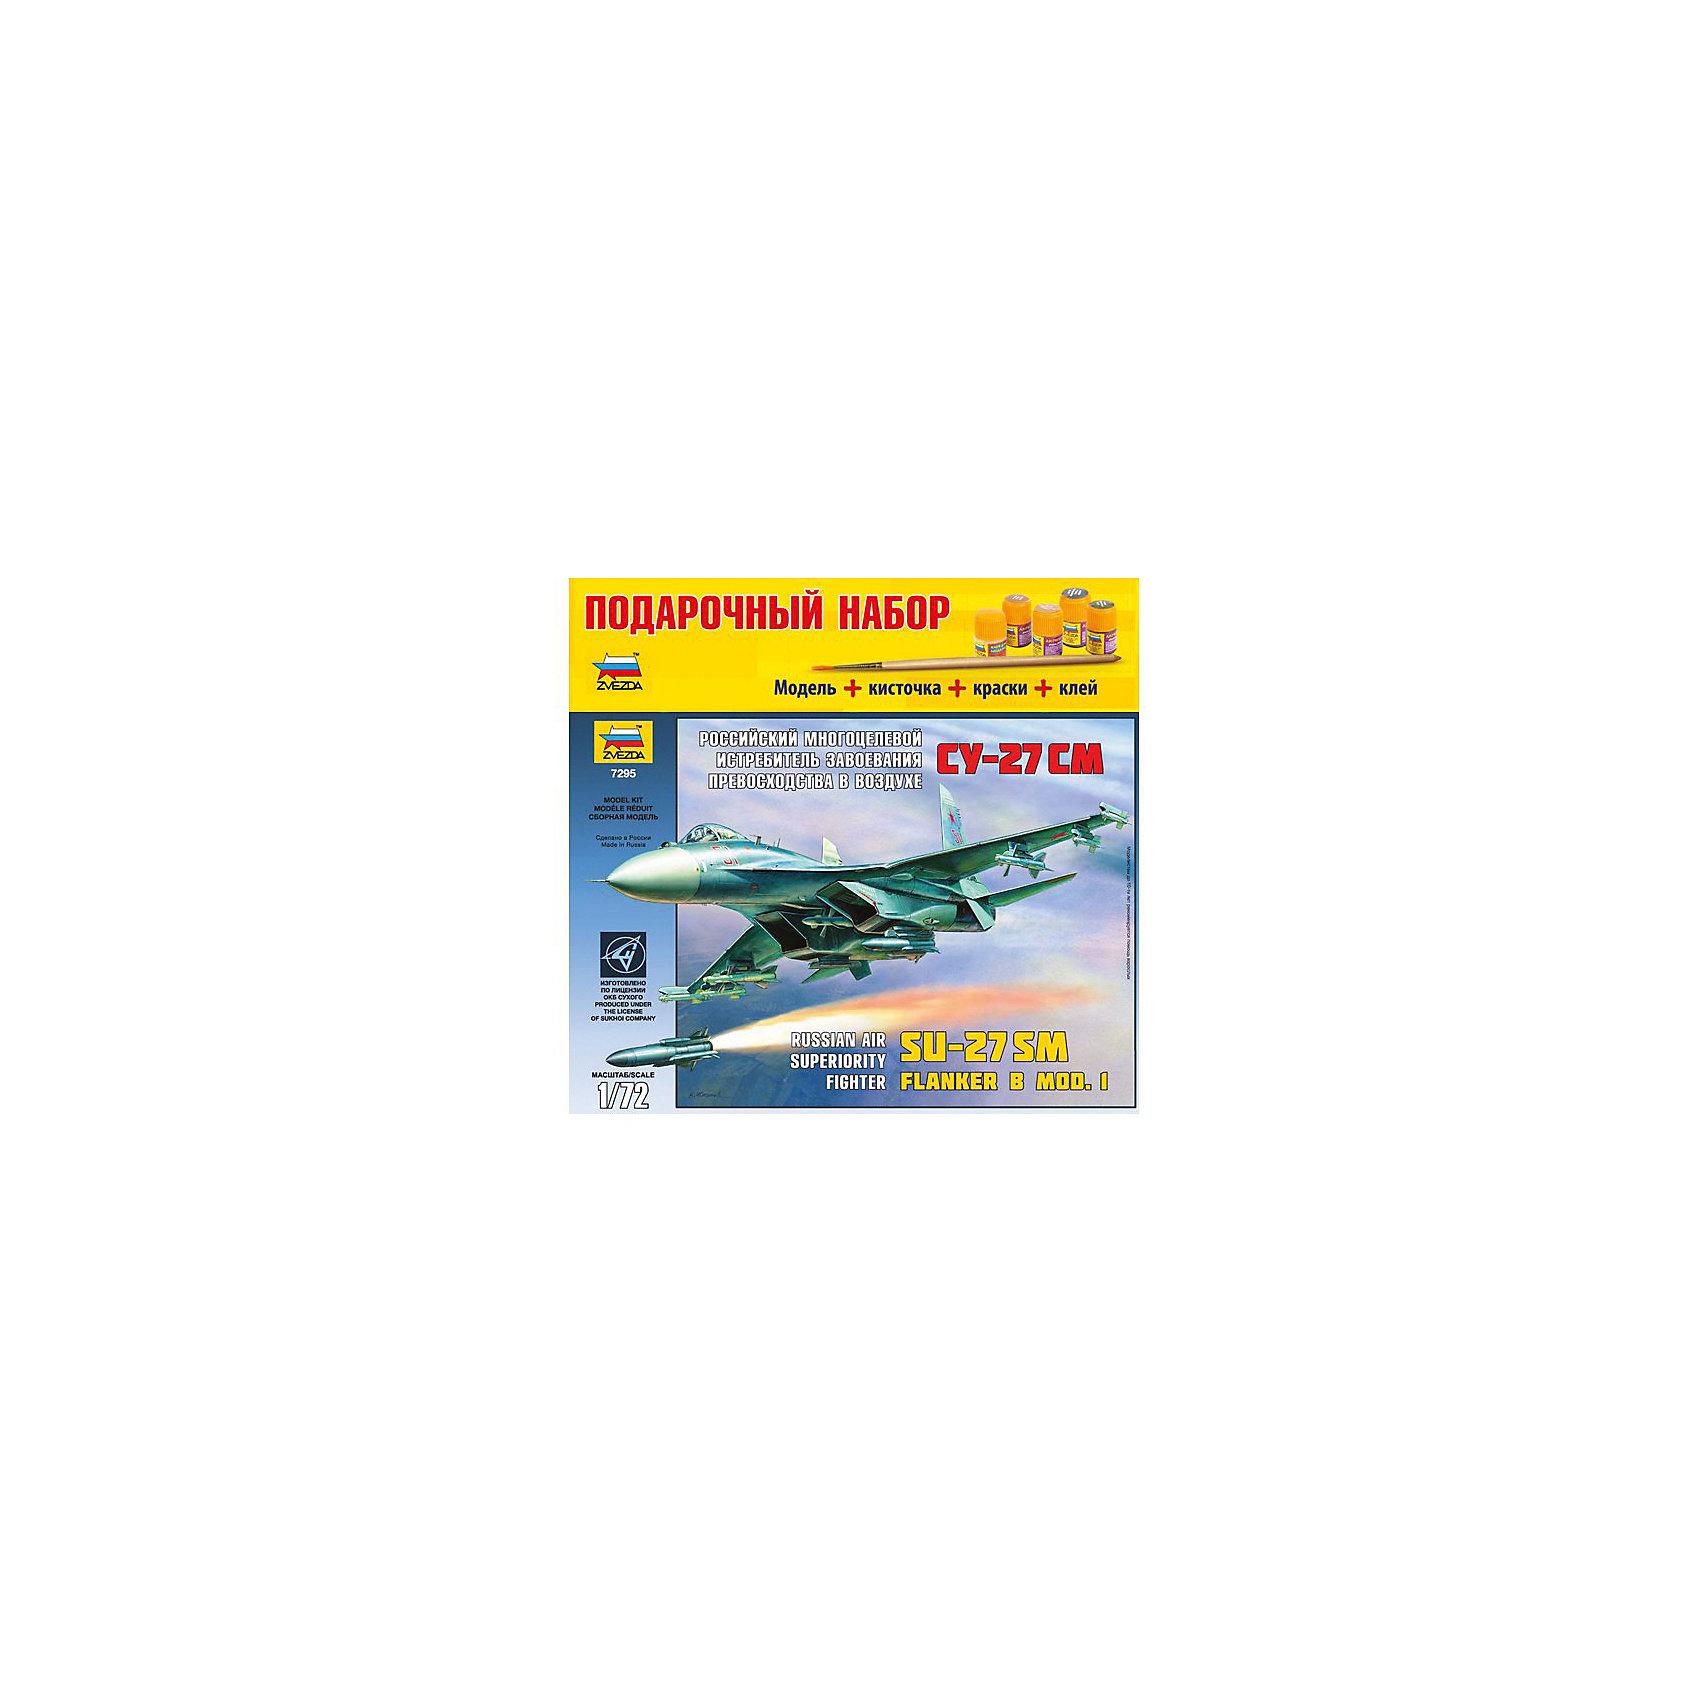 Сборная модель Звезда Самолет Истребитель Су-27СМ, 1:72 (подарочный набор)Модели для склеивания<br>Набор подарочный-сборка Самолёт Су-27СМ<br><br>Ширина мм: 306<br>Глубина мм: 276<br>Высота мм: 50<br>Вес г: 635<br>Возраст от месяцев: 36<br>Возраст до месяцев: 180<br>Пол: Мужской<br>Возраст: Детский<br>SKU: 7086552